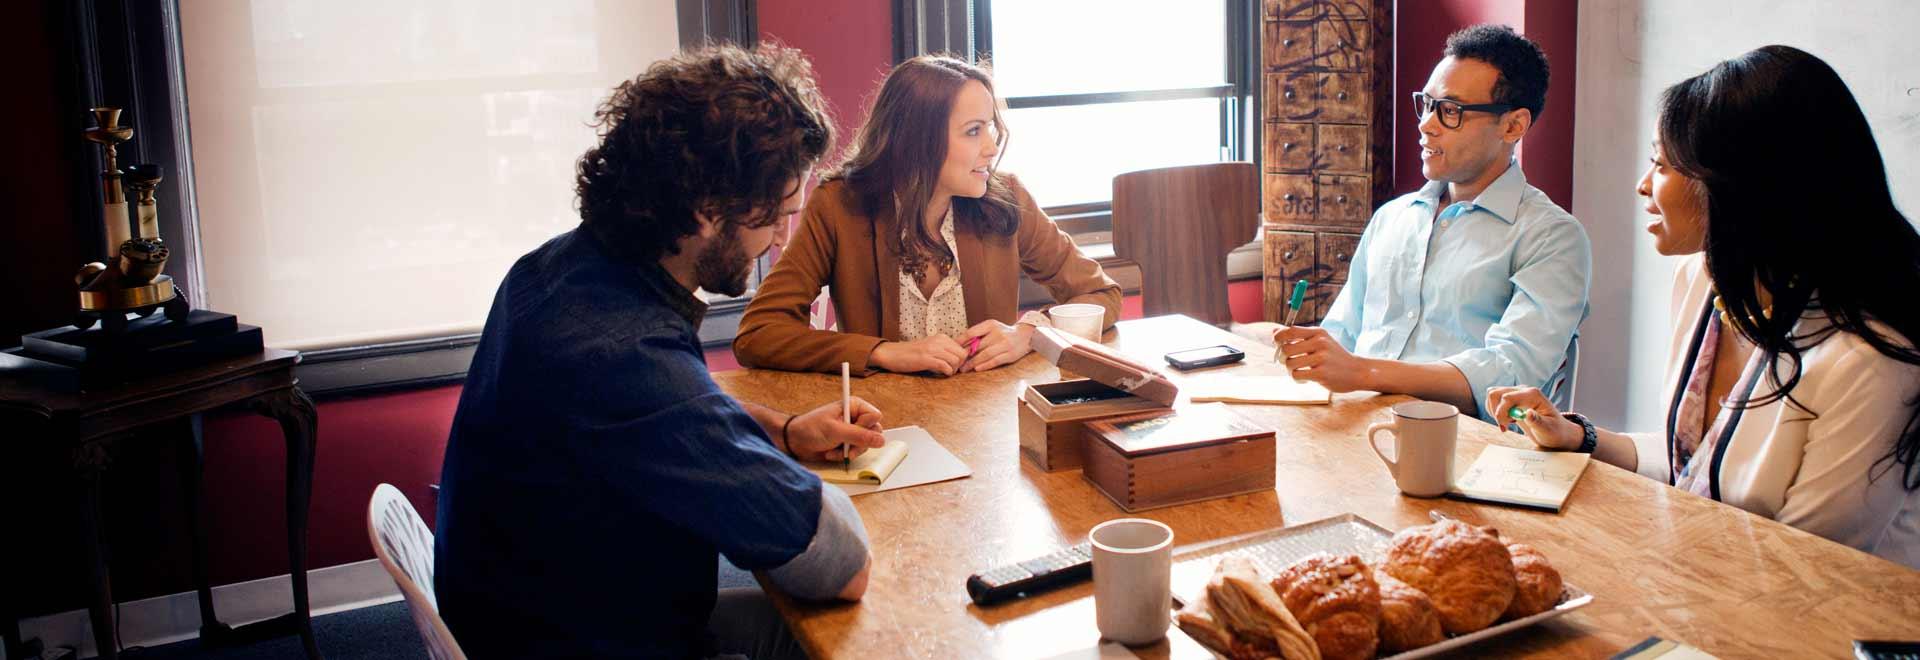 Štyria ľudia pracujúci v kancelárii a používajúci Office 365 Enterprise E3.